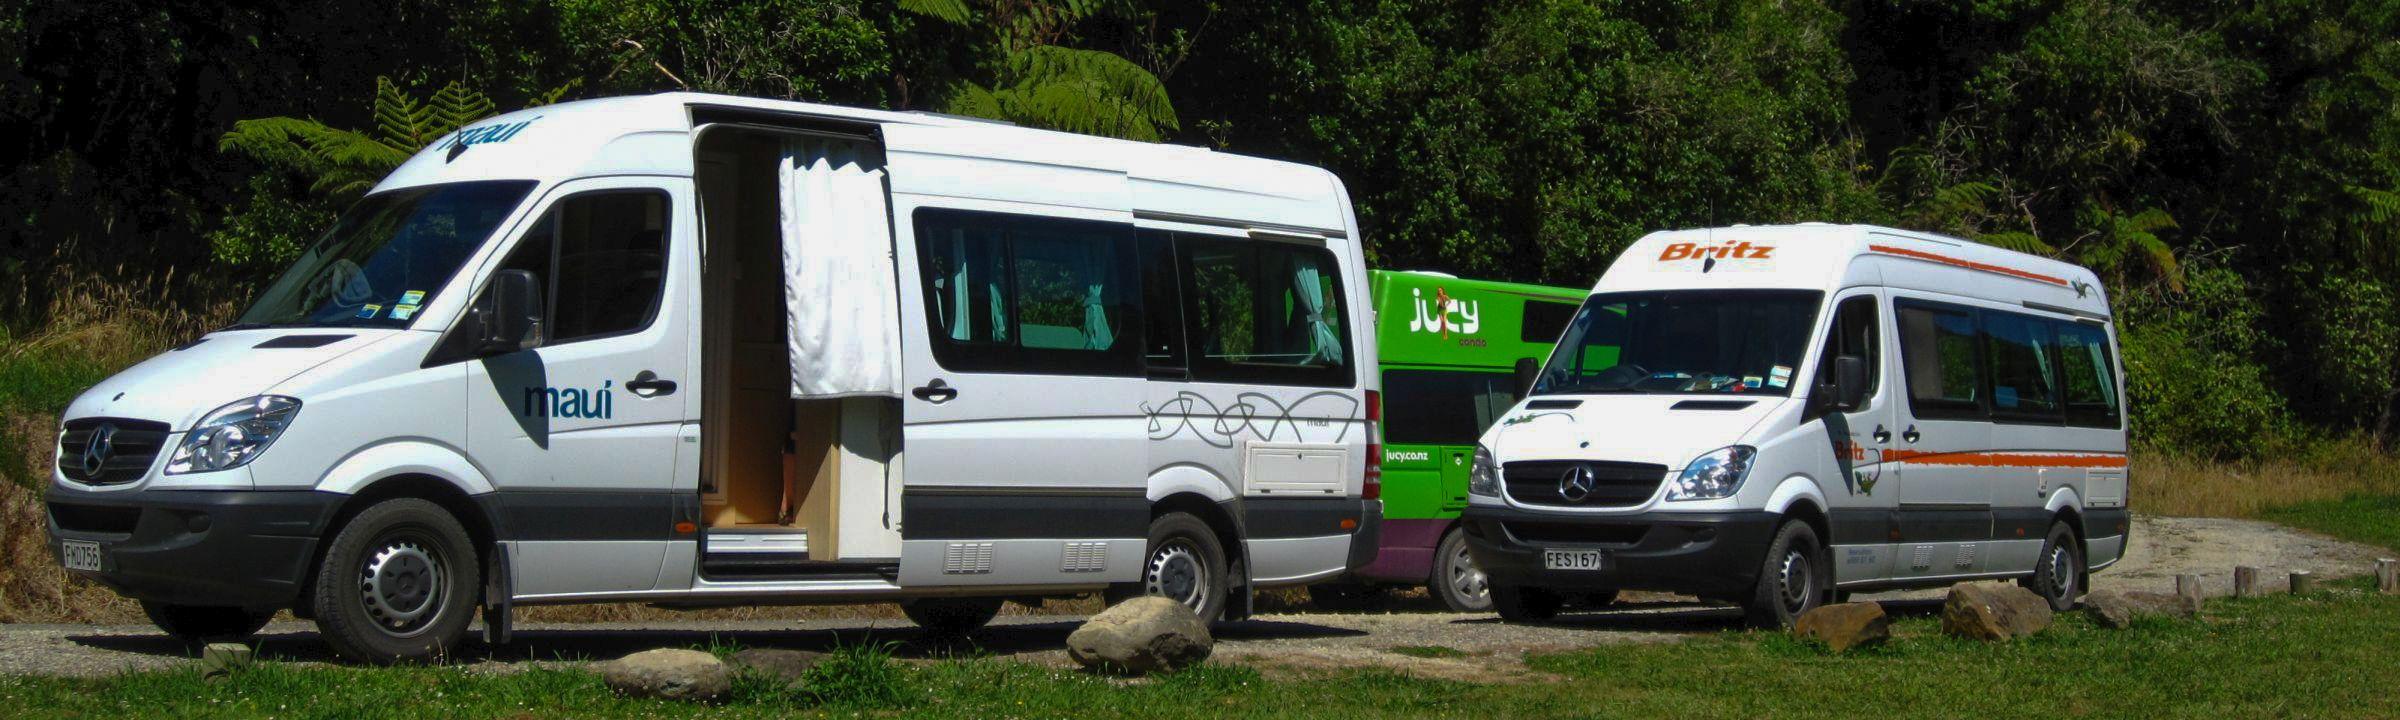 Camperwagen auf Neuseeland